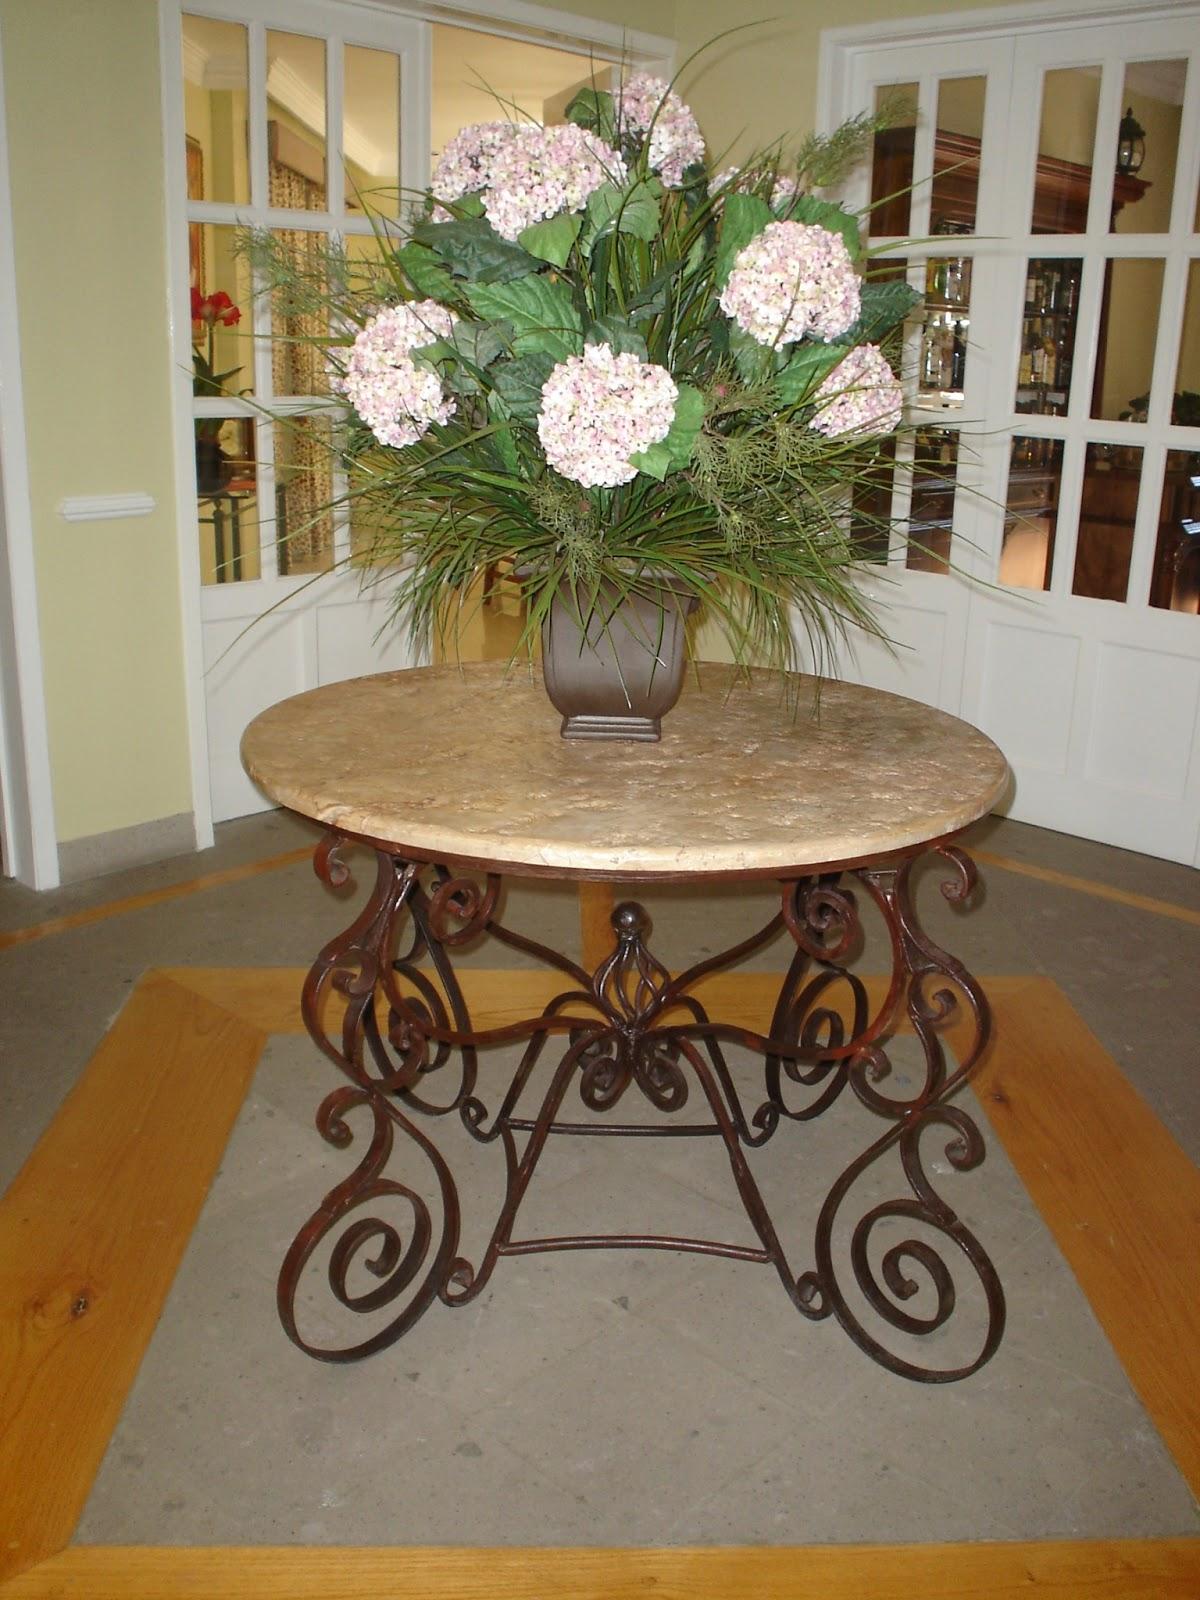 Muebles jardin segunda mano obtenga ideas dise o de muebles para su hogar aqu - Bancos de jardin de segunda mano ...